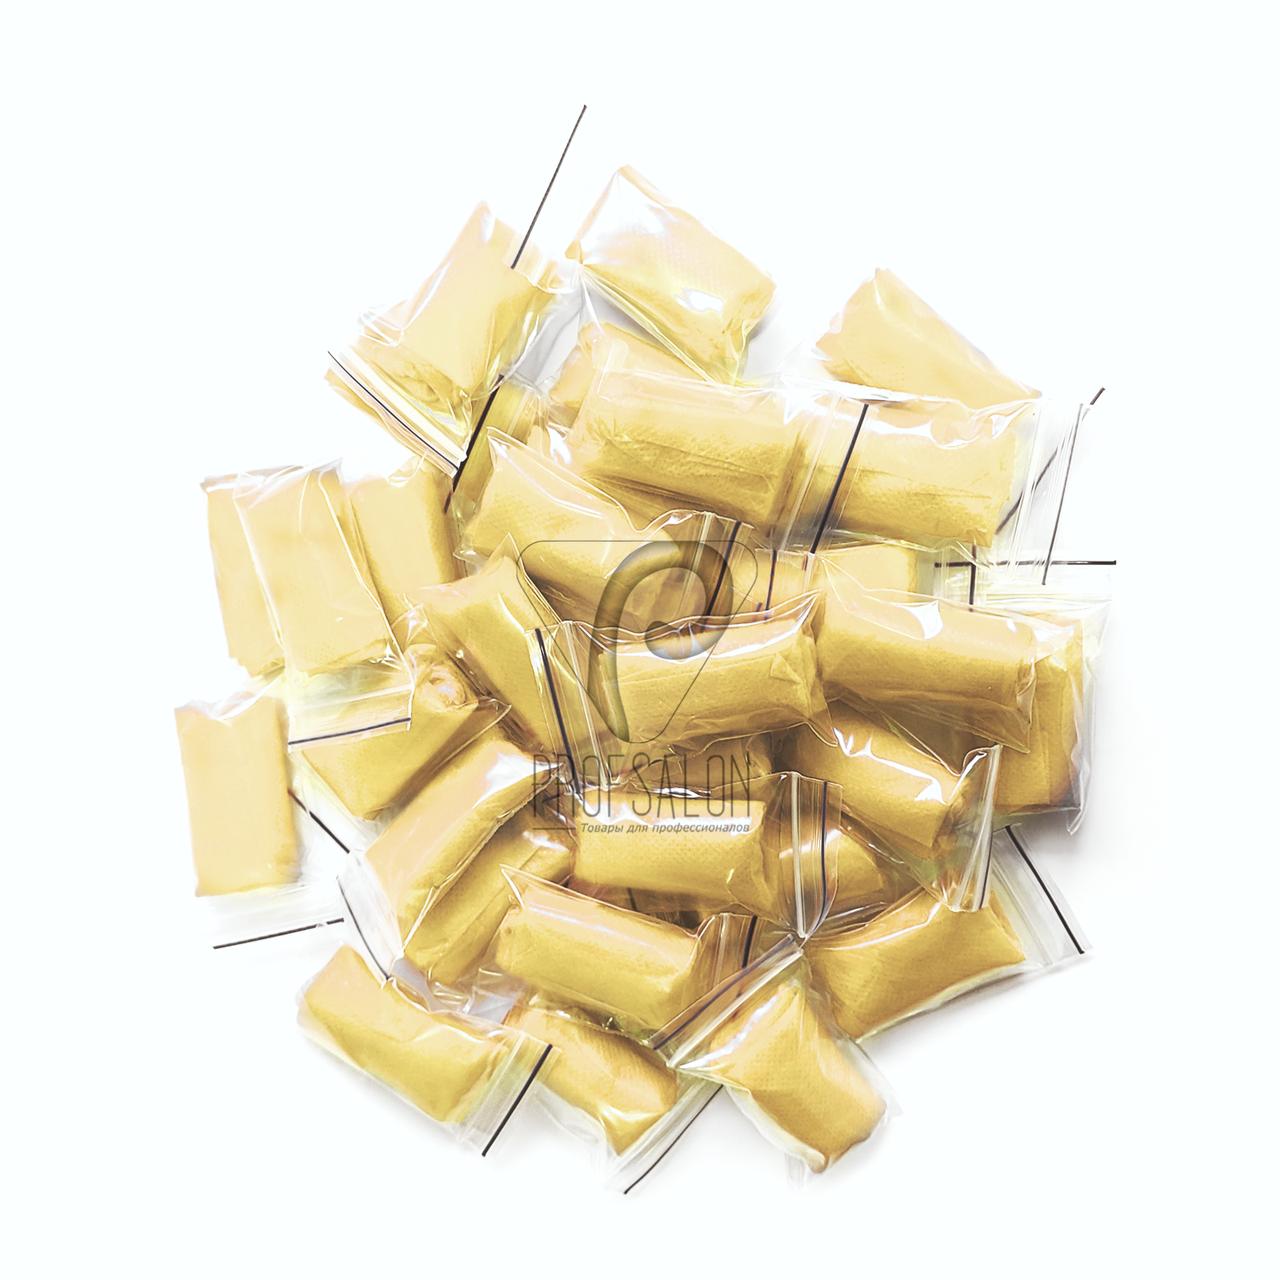 Трусики стринги одноразовые женские для процедур 50 шт (кремовые)